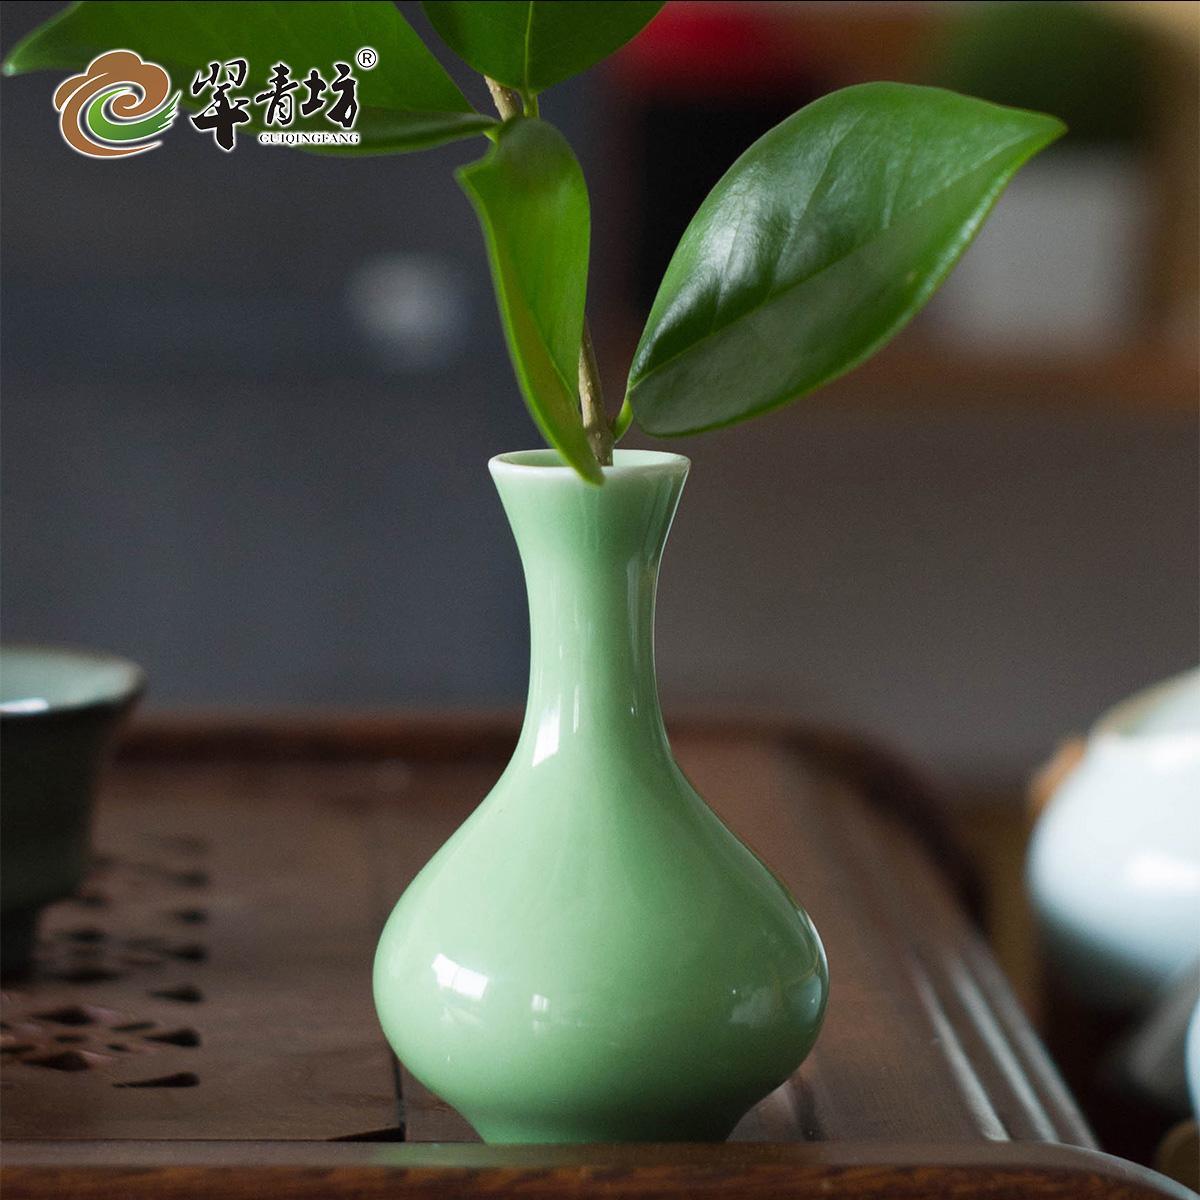 摆件插花现代瓷瓶创意装饰品家居迷你花器陶瓷